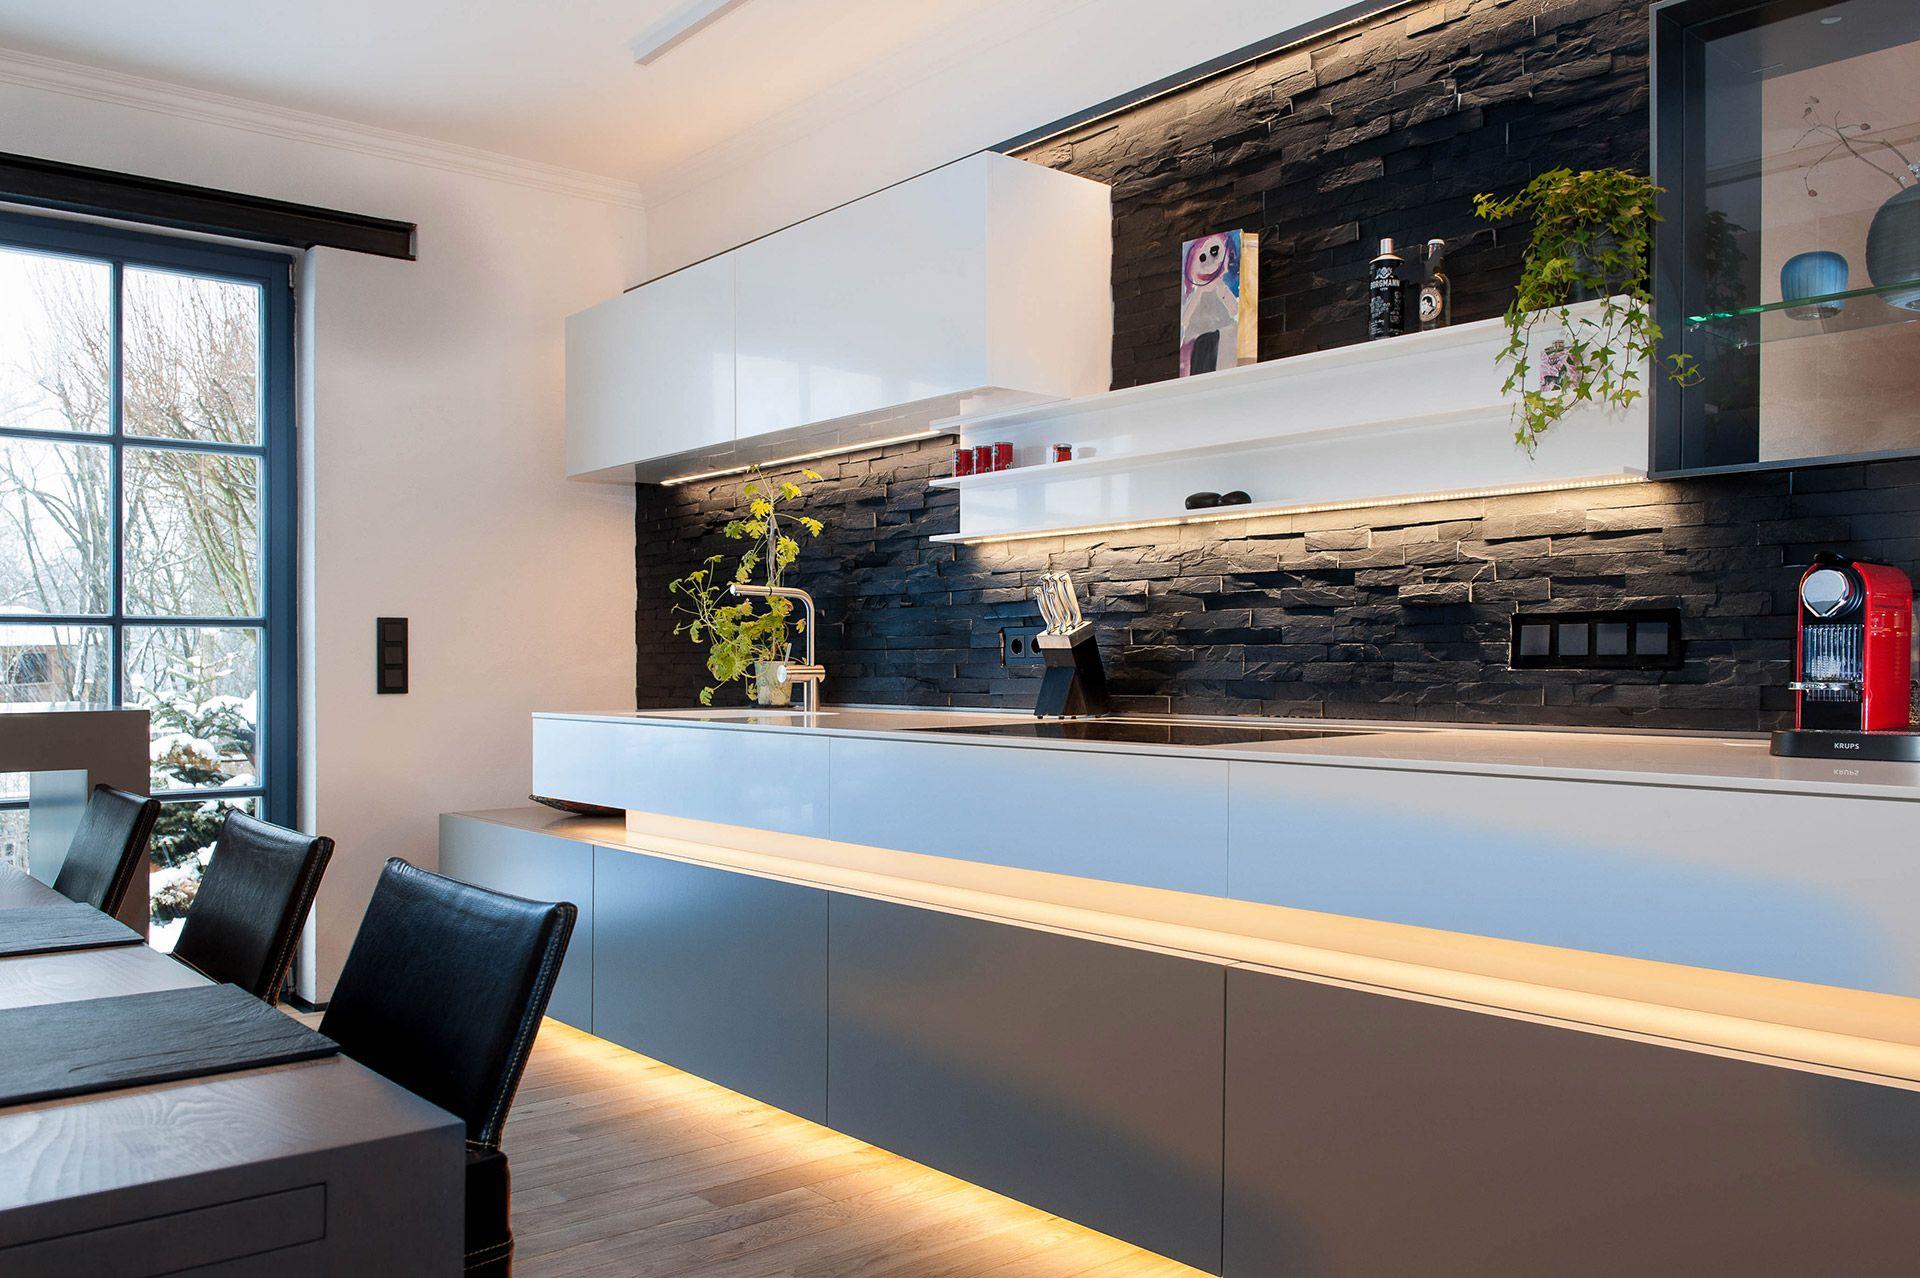 Moderne Wohnraume Mit Stimmiger Led Beleuchtung Gestalten Wohnkuche Schmale Kuche Moderne Kuchenideen